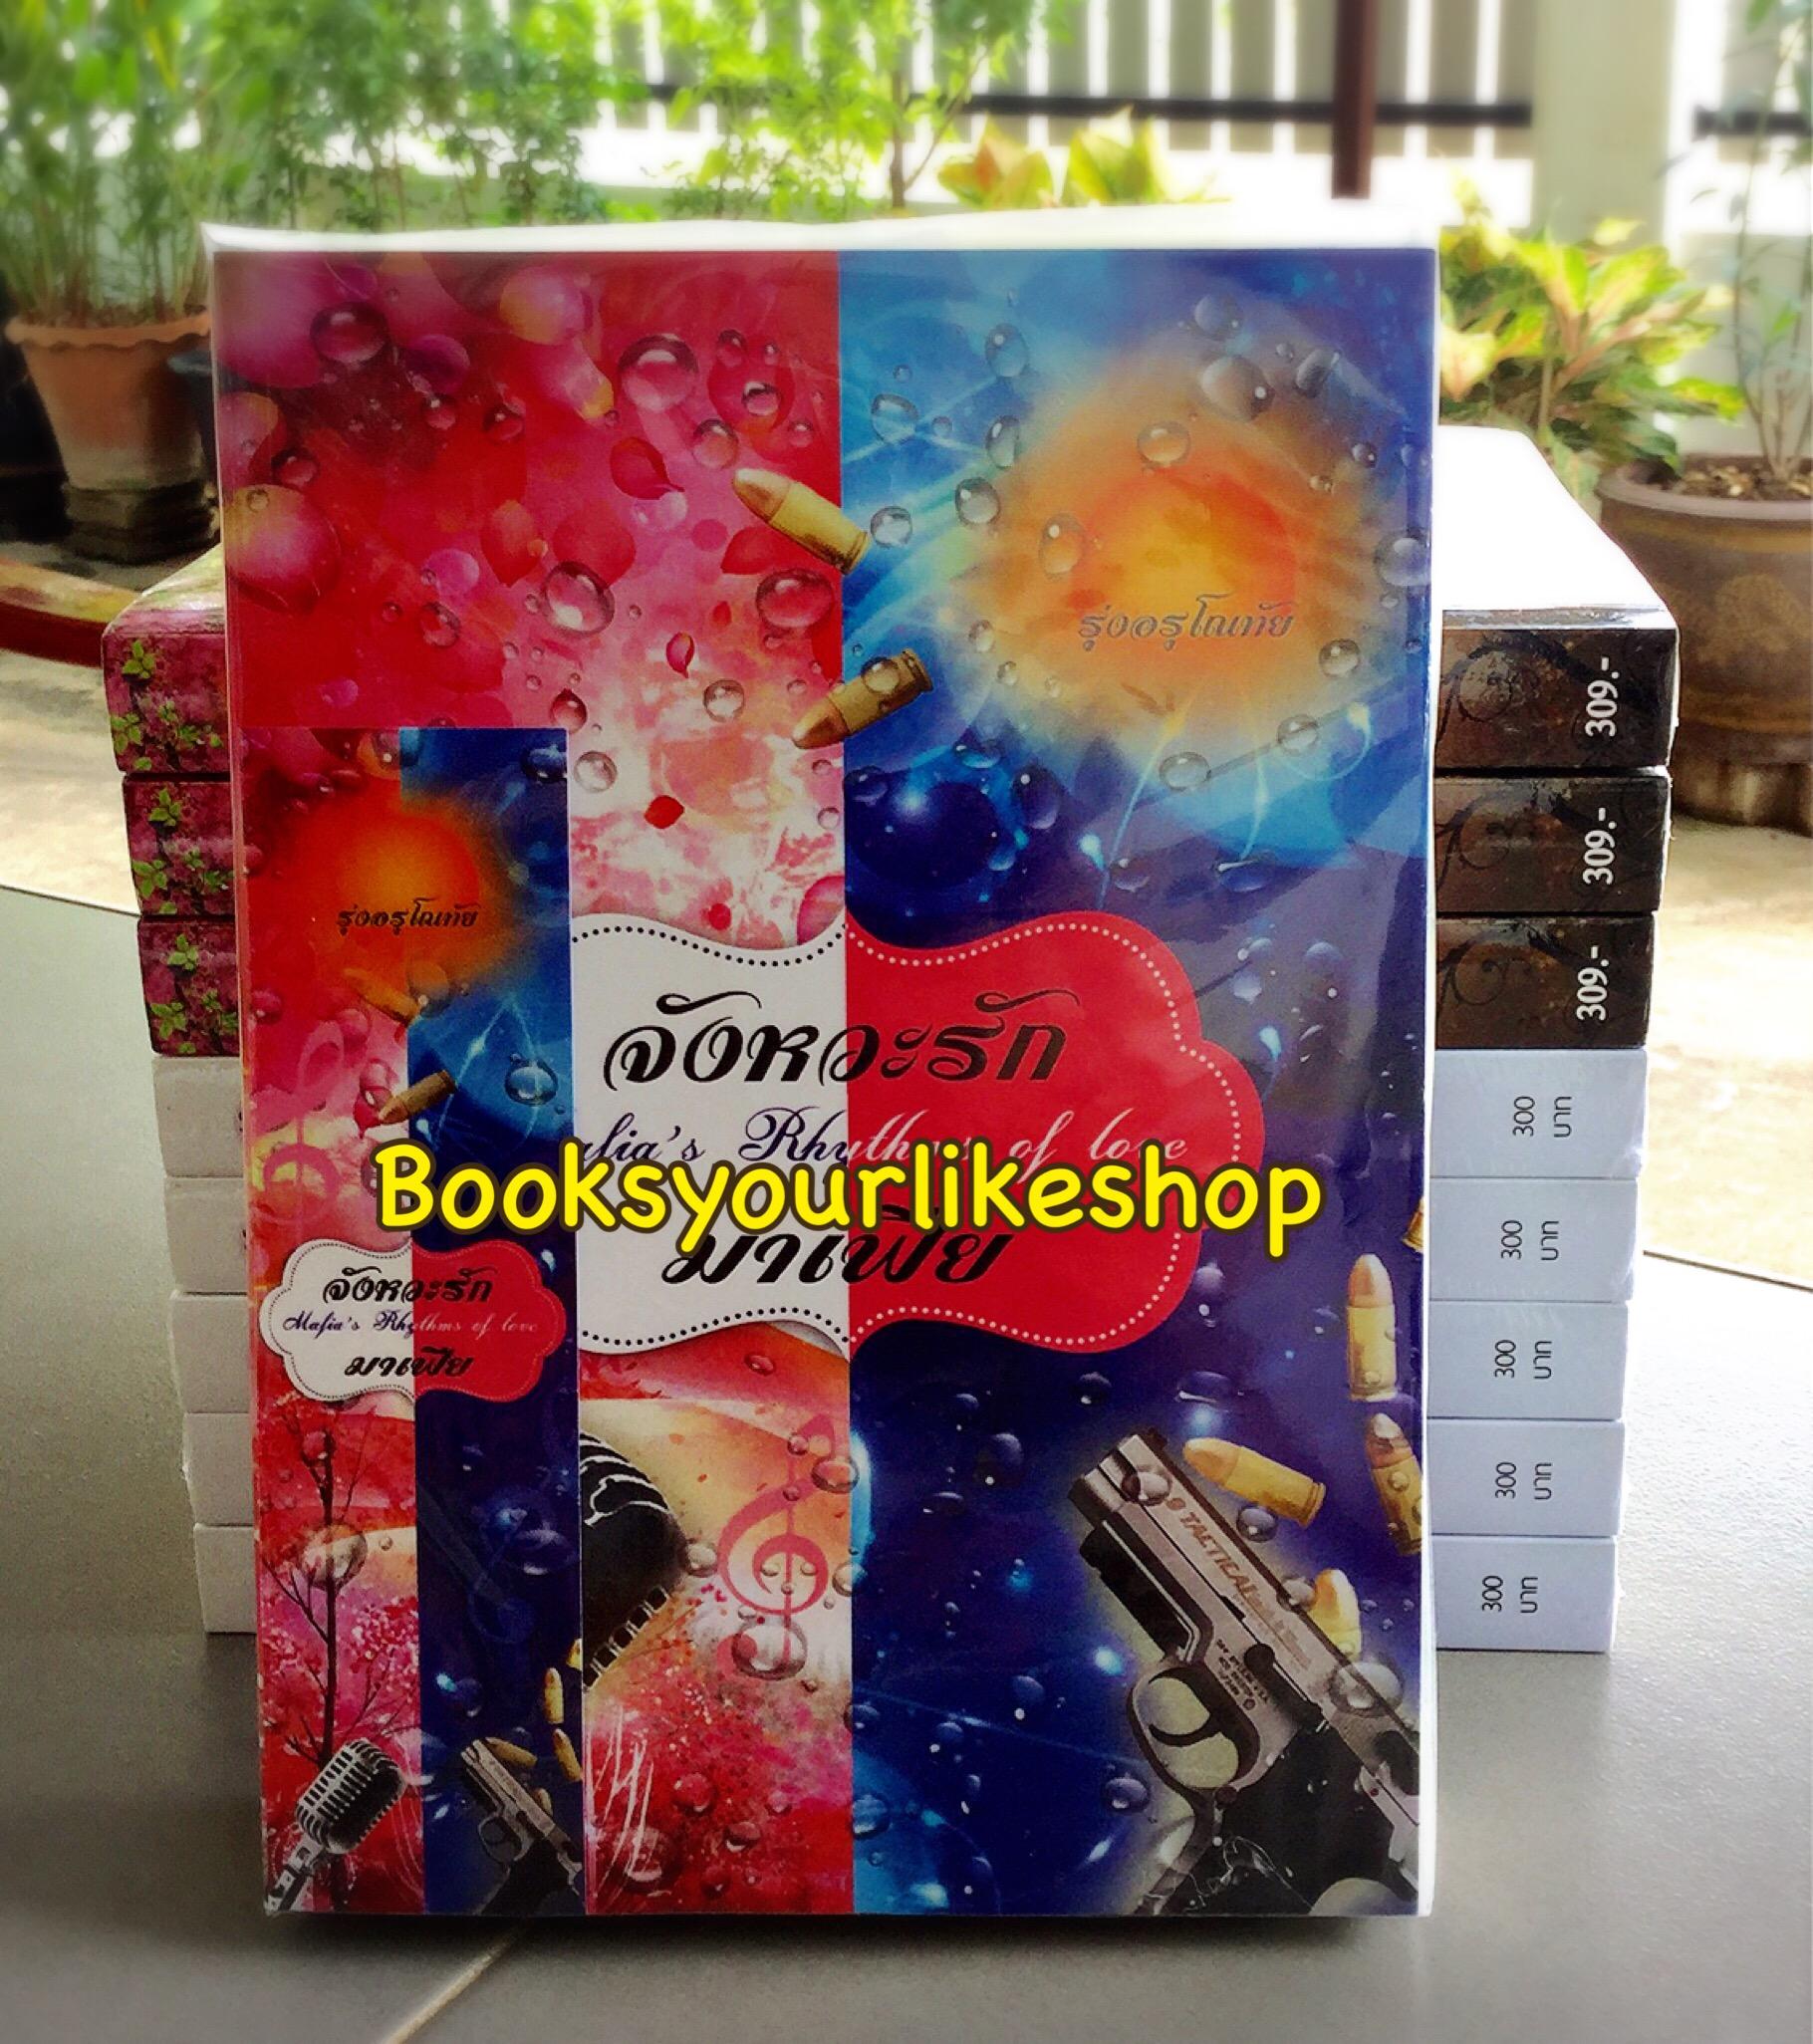 จังหวะรักมาเฟีย 2 เล่มจบ/ รุ่งอรุโณทัย หนังสือใหม่ทำมือ***สนุกค่า***